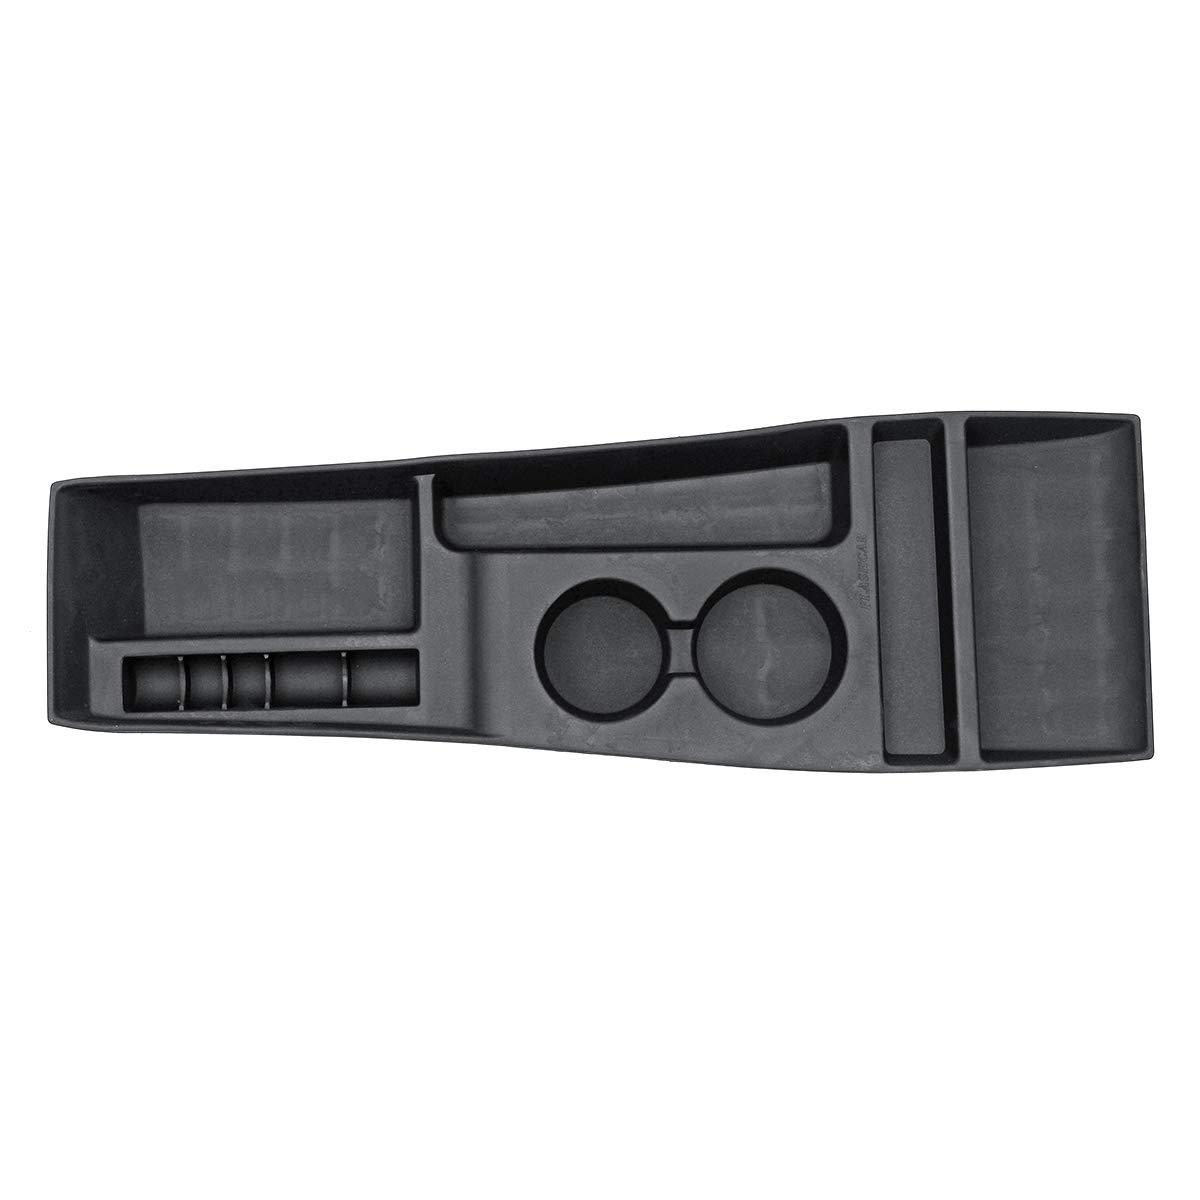 AAlamor Caja De Almacenamiento De La Consola De Silicona Black Car Center para Tesla Model X//S 2012-2017